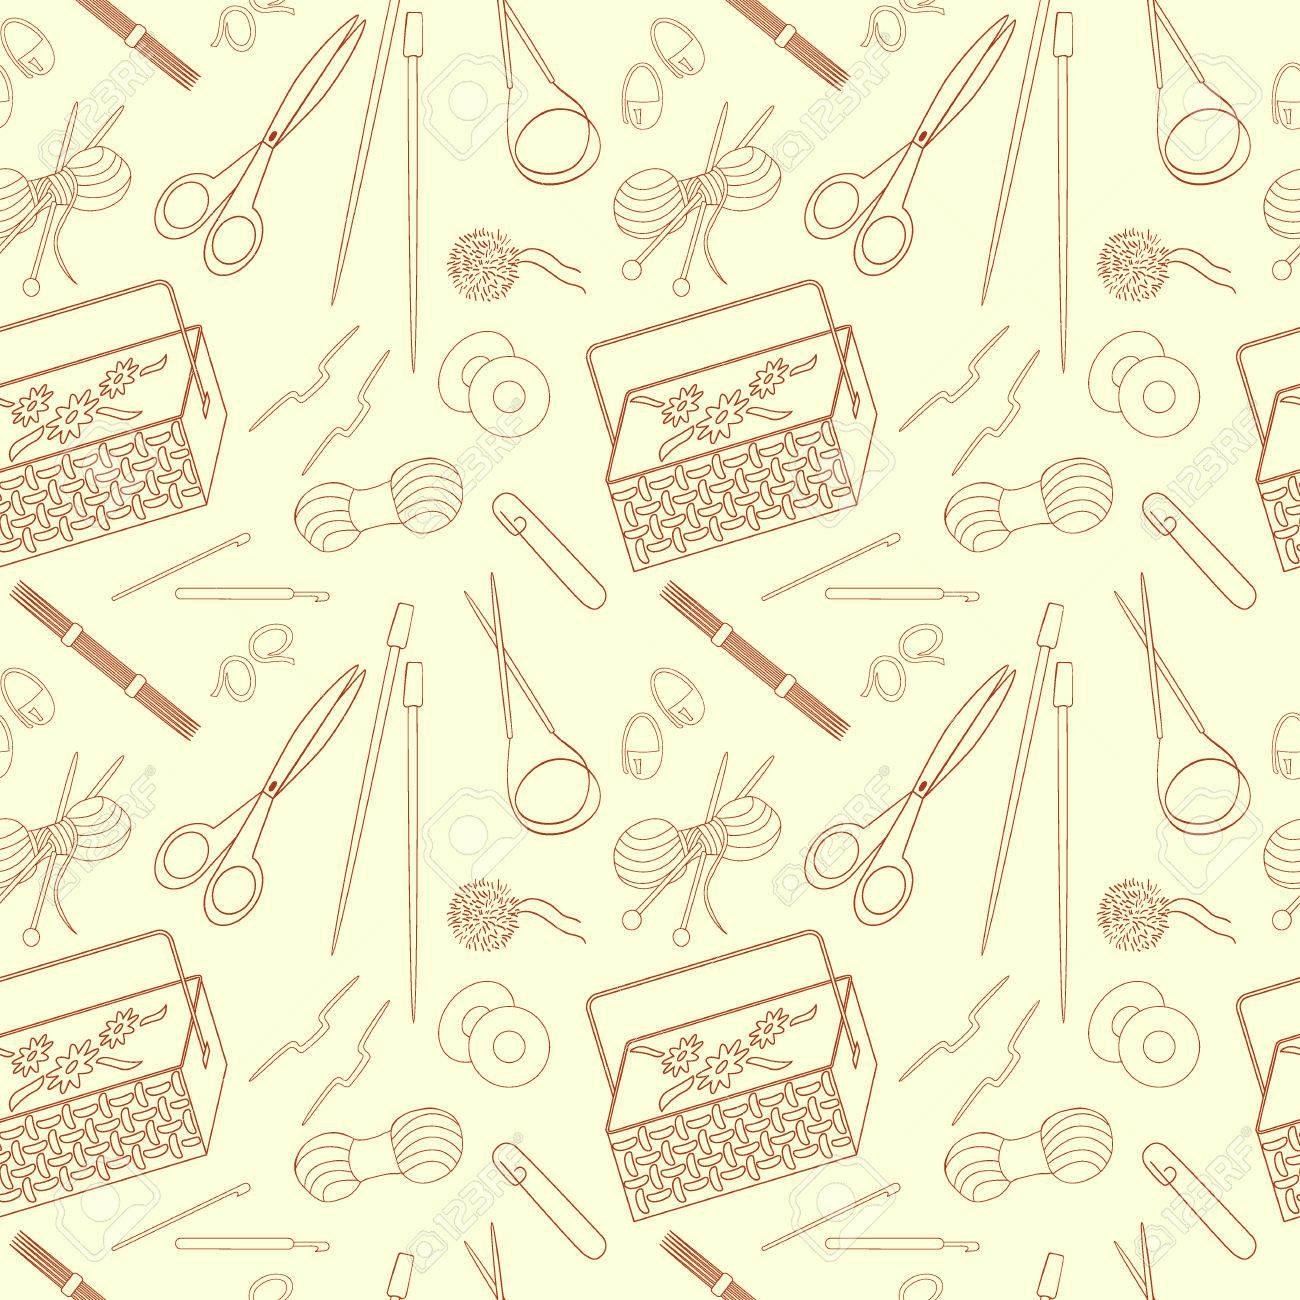 Sin patrón de tejido de punto y artesanías iconos. agujas de tejer, hilado,  hilo, agujas de ganchillo, canasta. Fondo para el uso en el diseño, ...